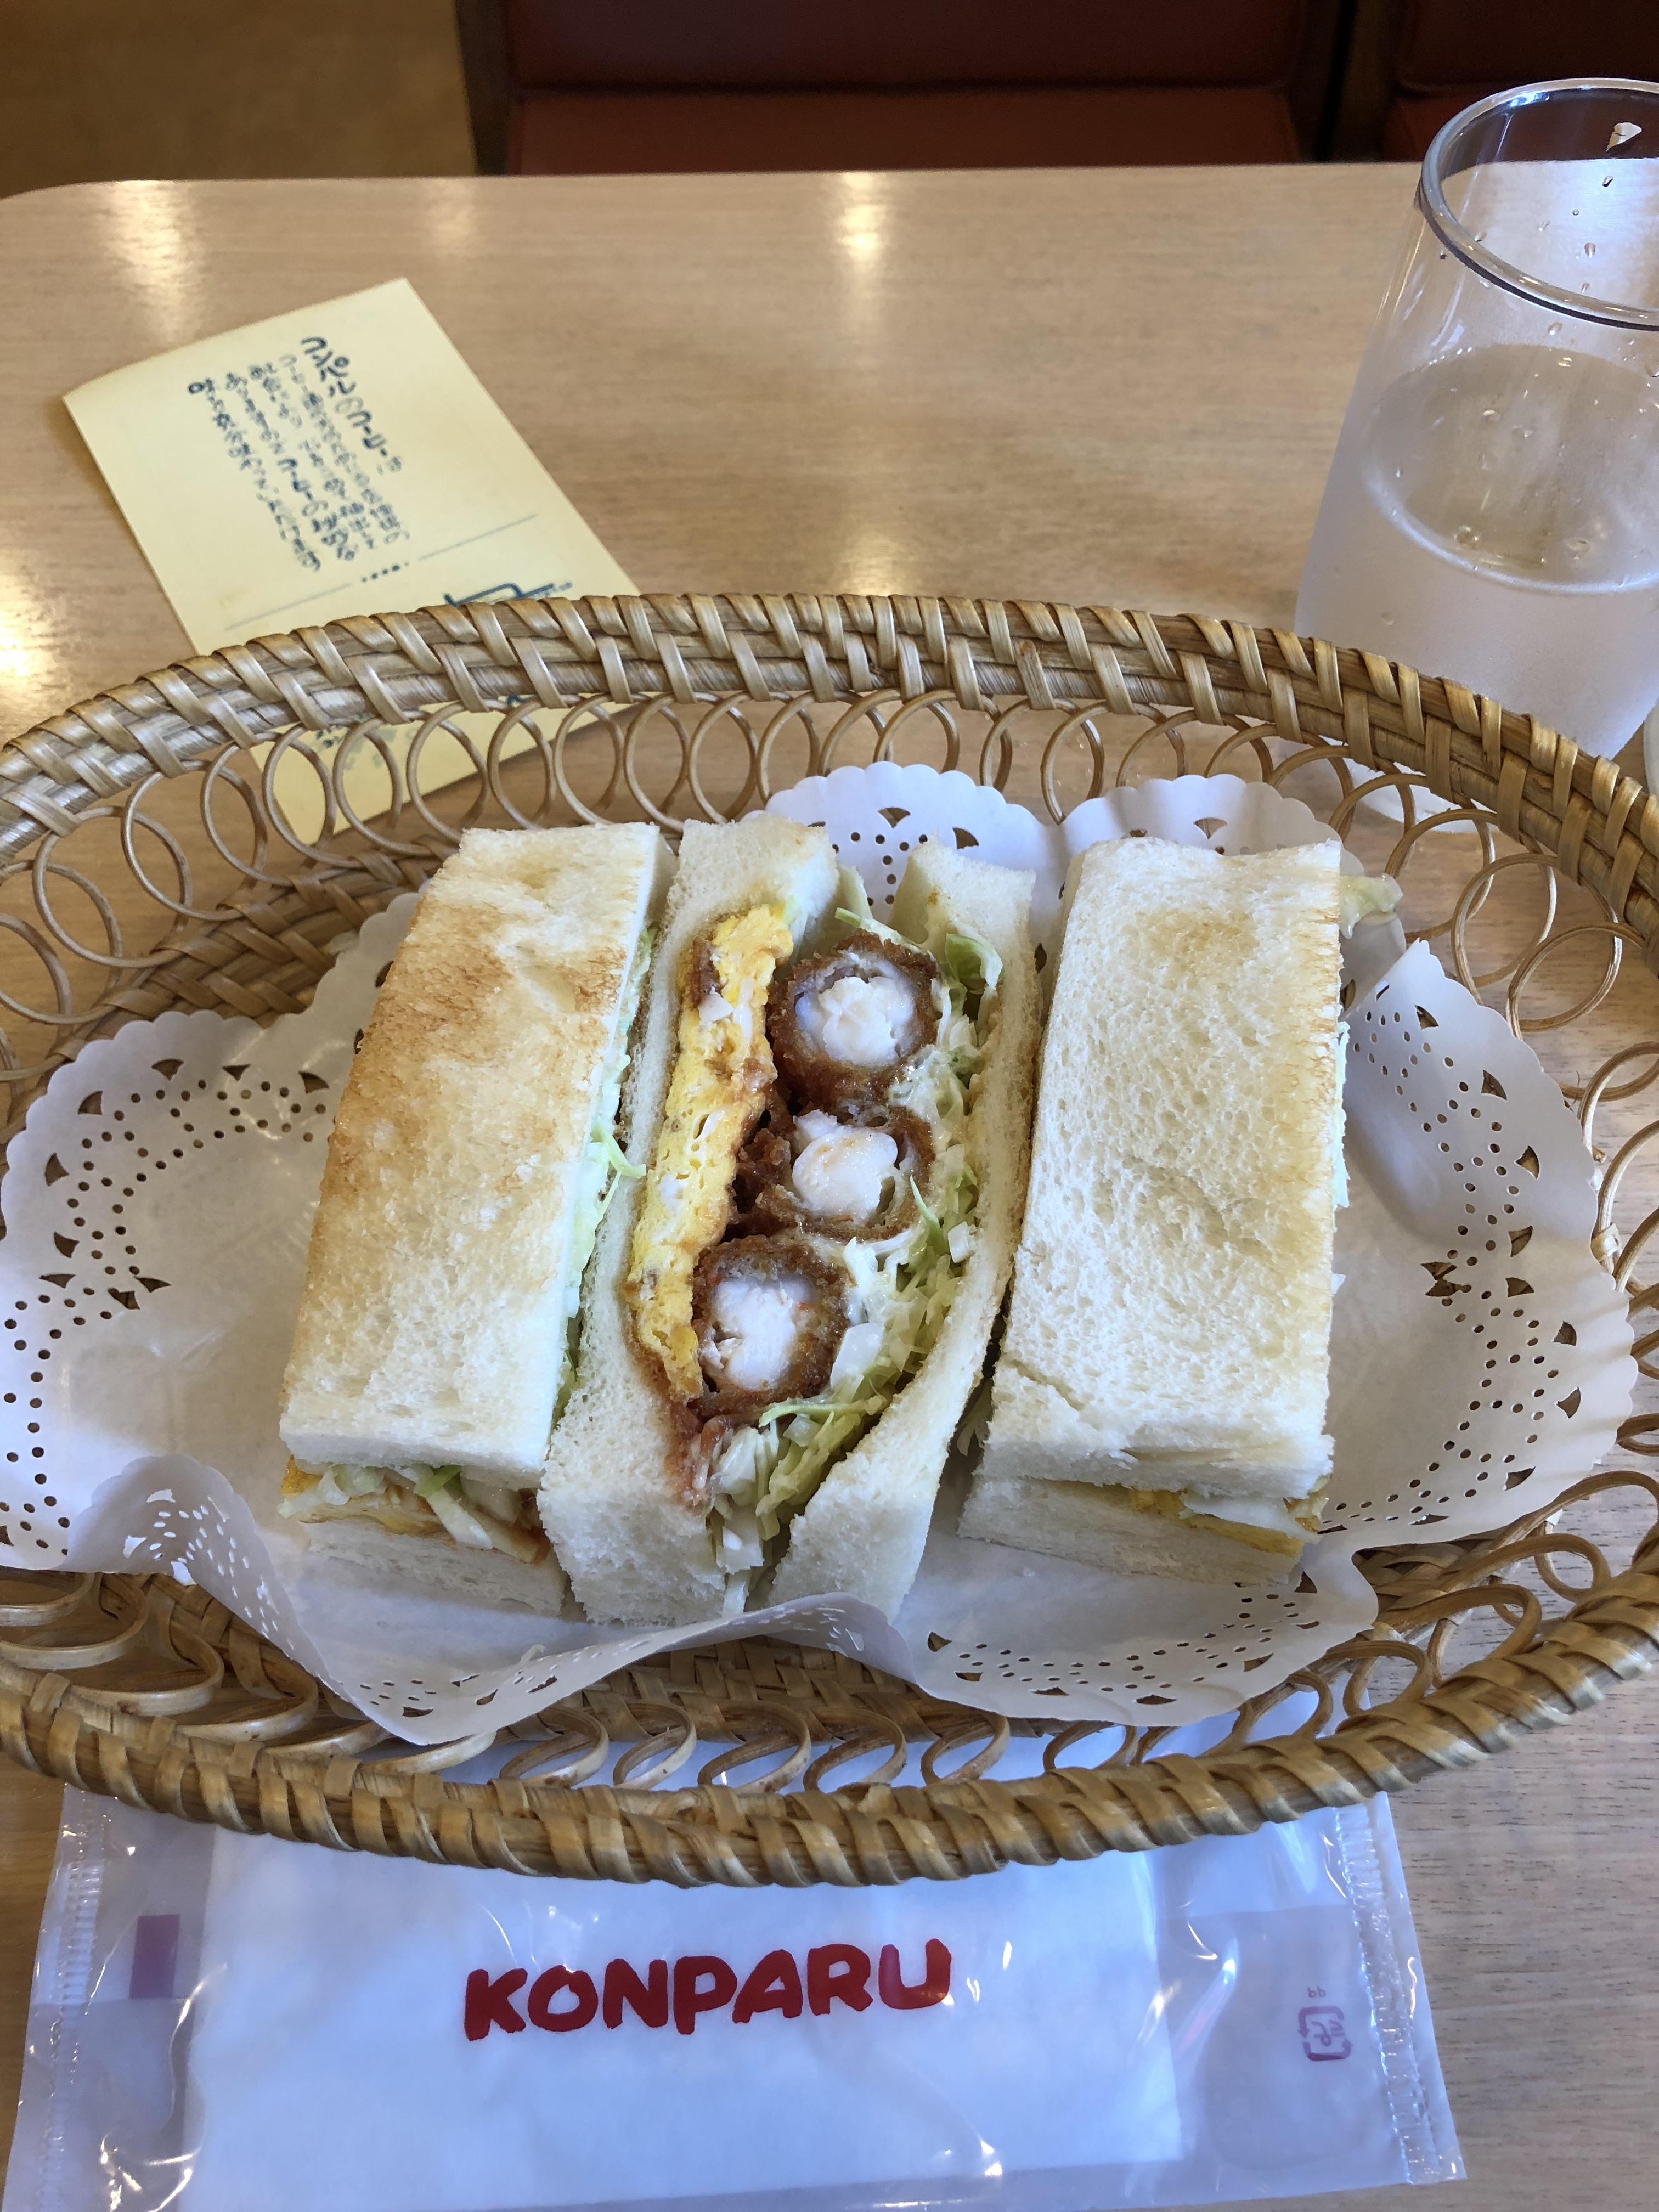 愛知県名古屋市のおすすめカフェ 念願のエビフライのサンドイッチはコンパル平和店